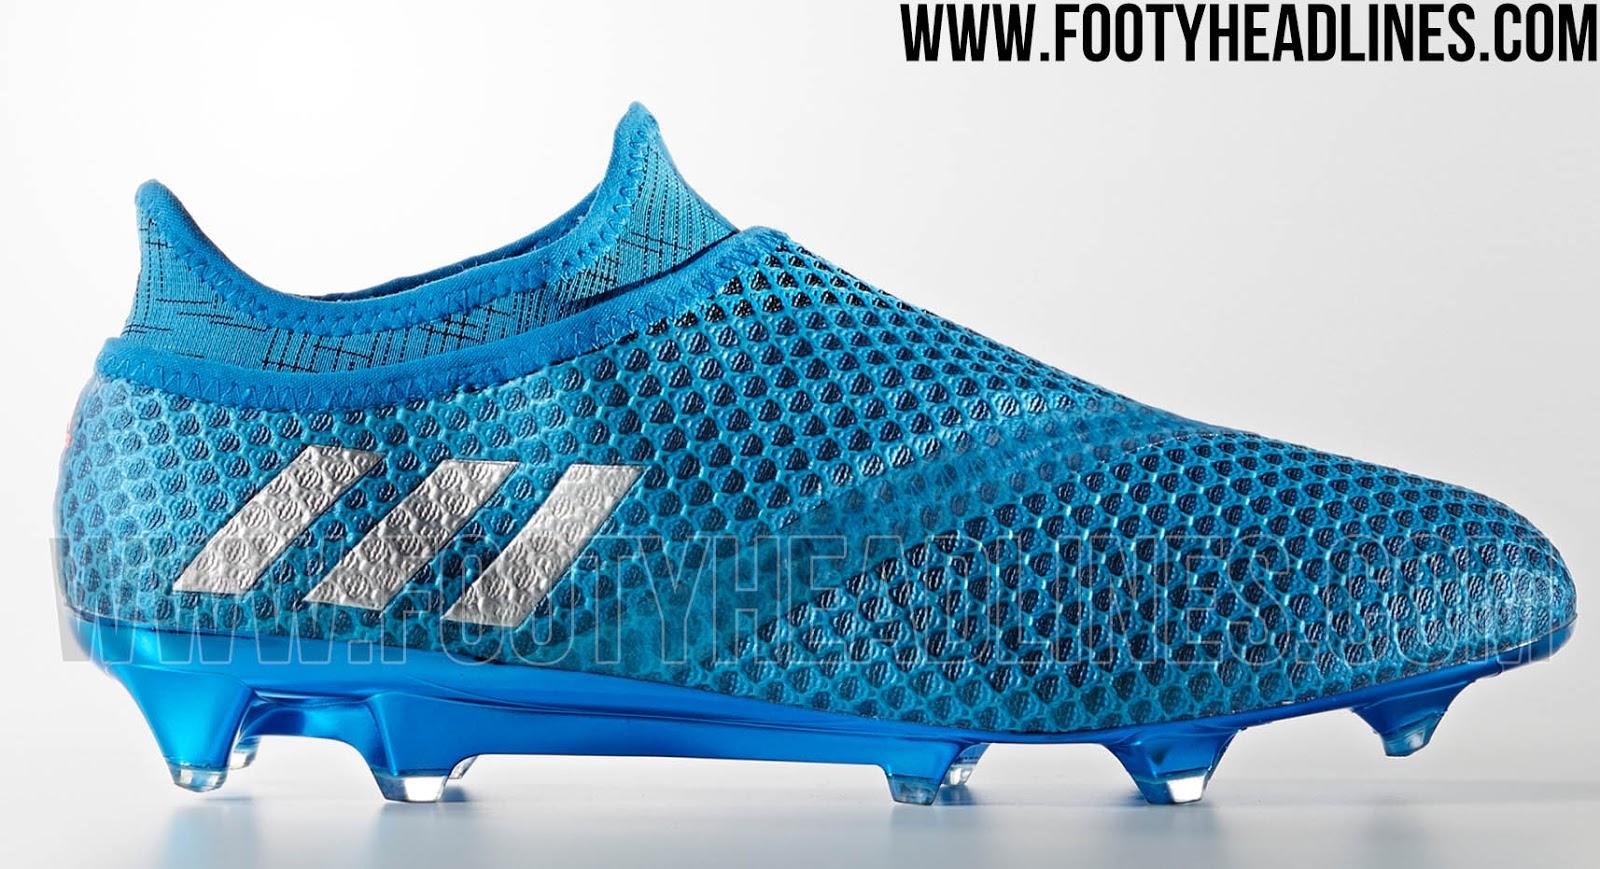 Kết quả hình ảnh cho Adidas Messi 16+ PureAgility Boots